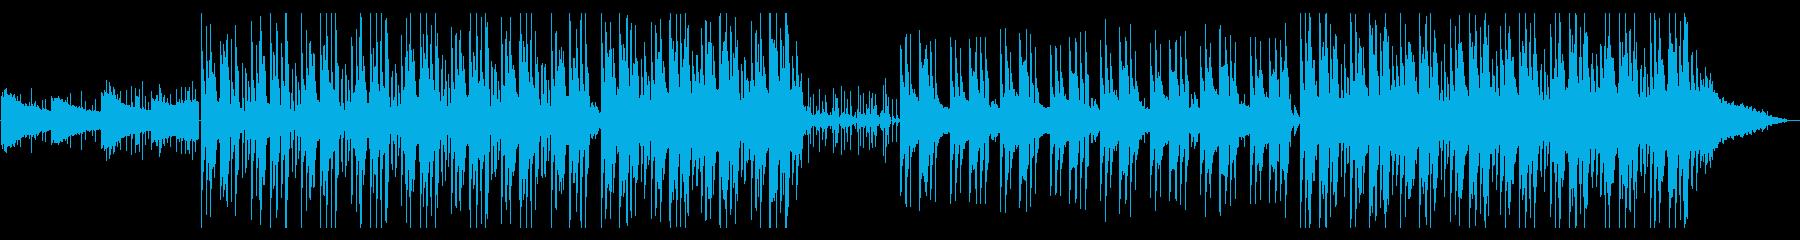 無機質淡々とした無感情なエレクトロニカの再生済みの波形